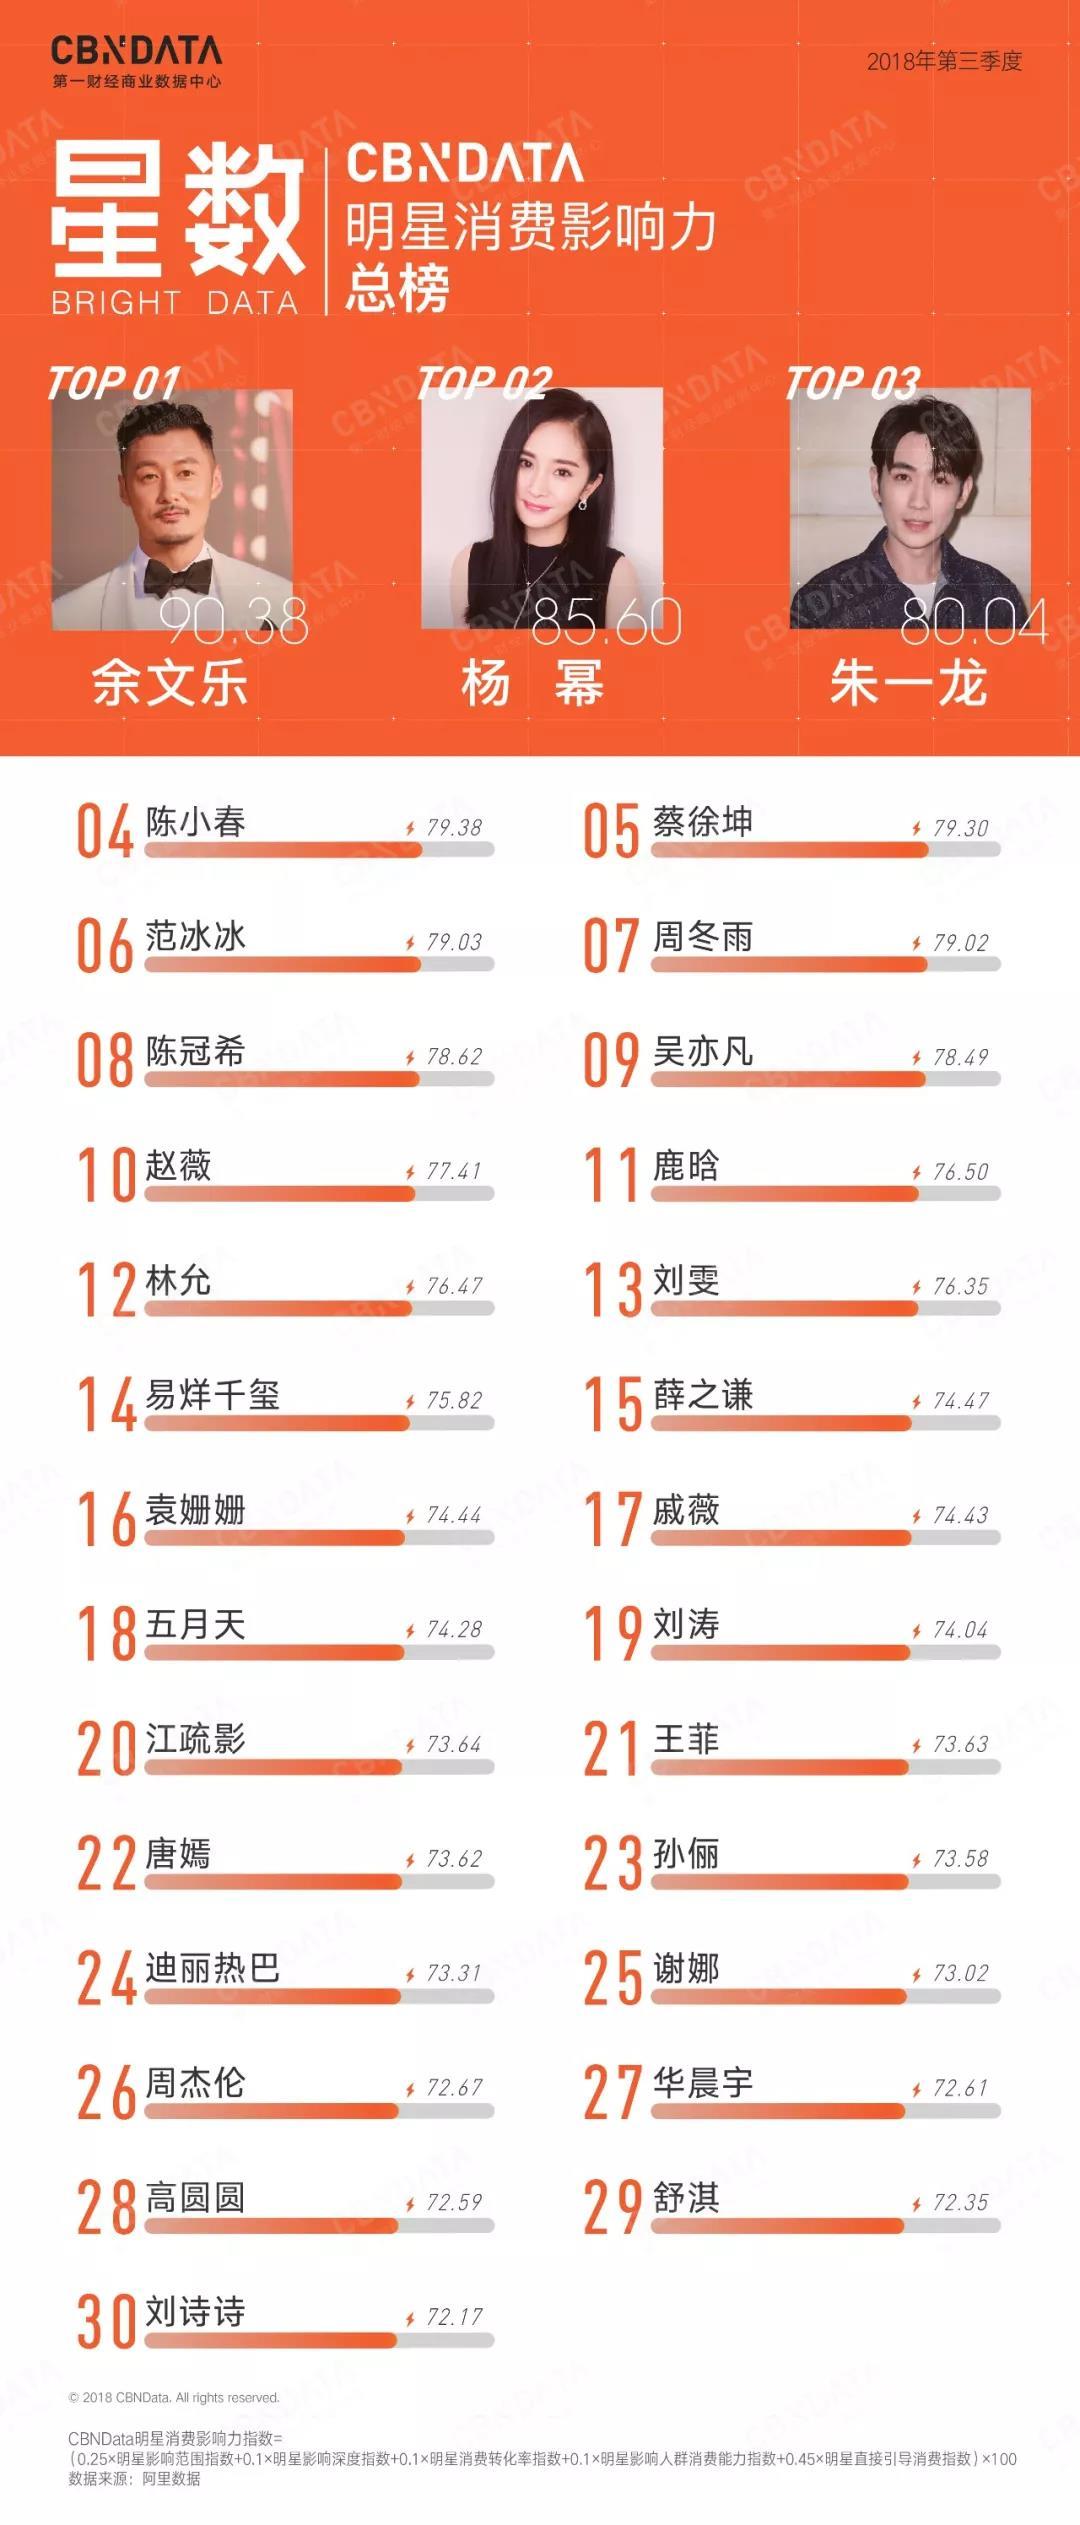 明星带货能力榜更新,蔡徐坤输给了朱一龙和陈小春?!